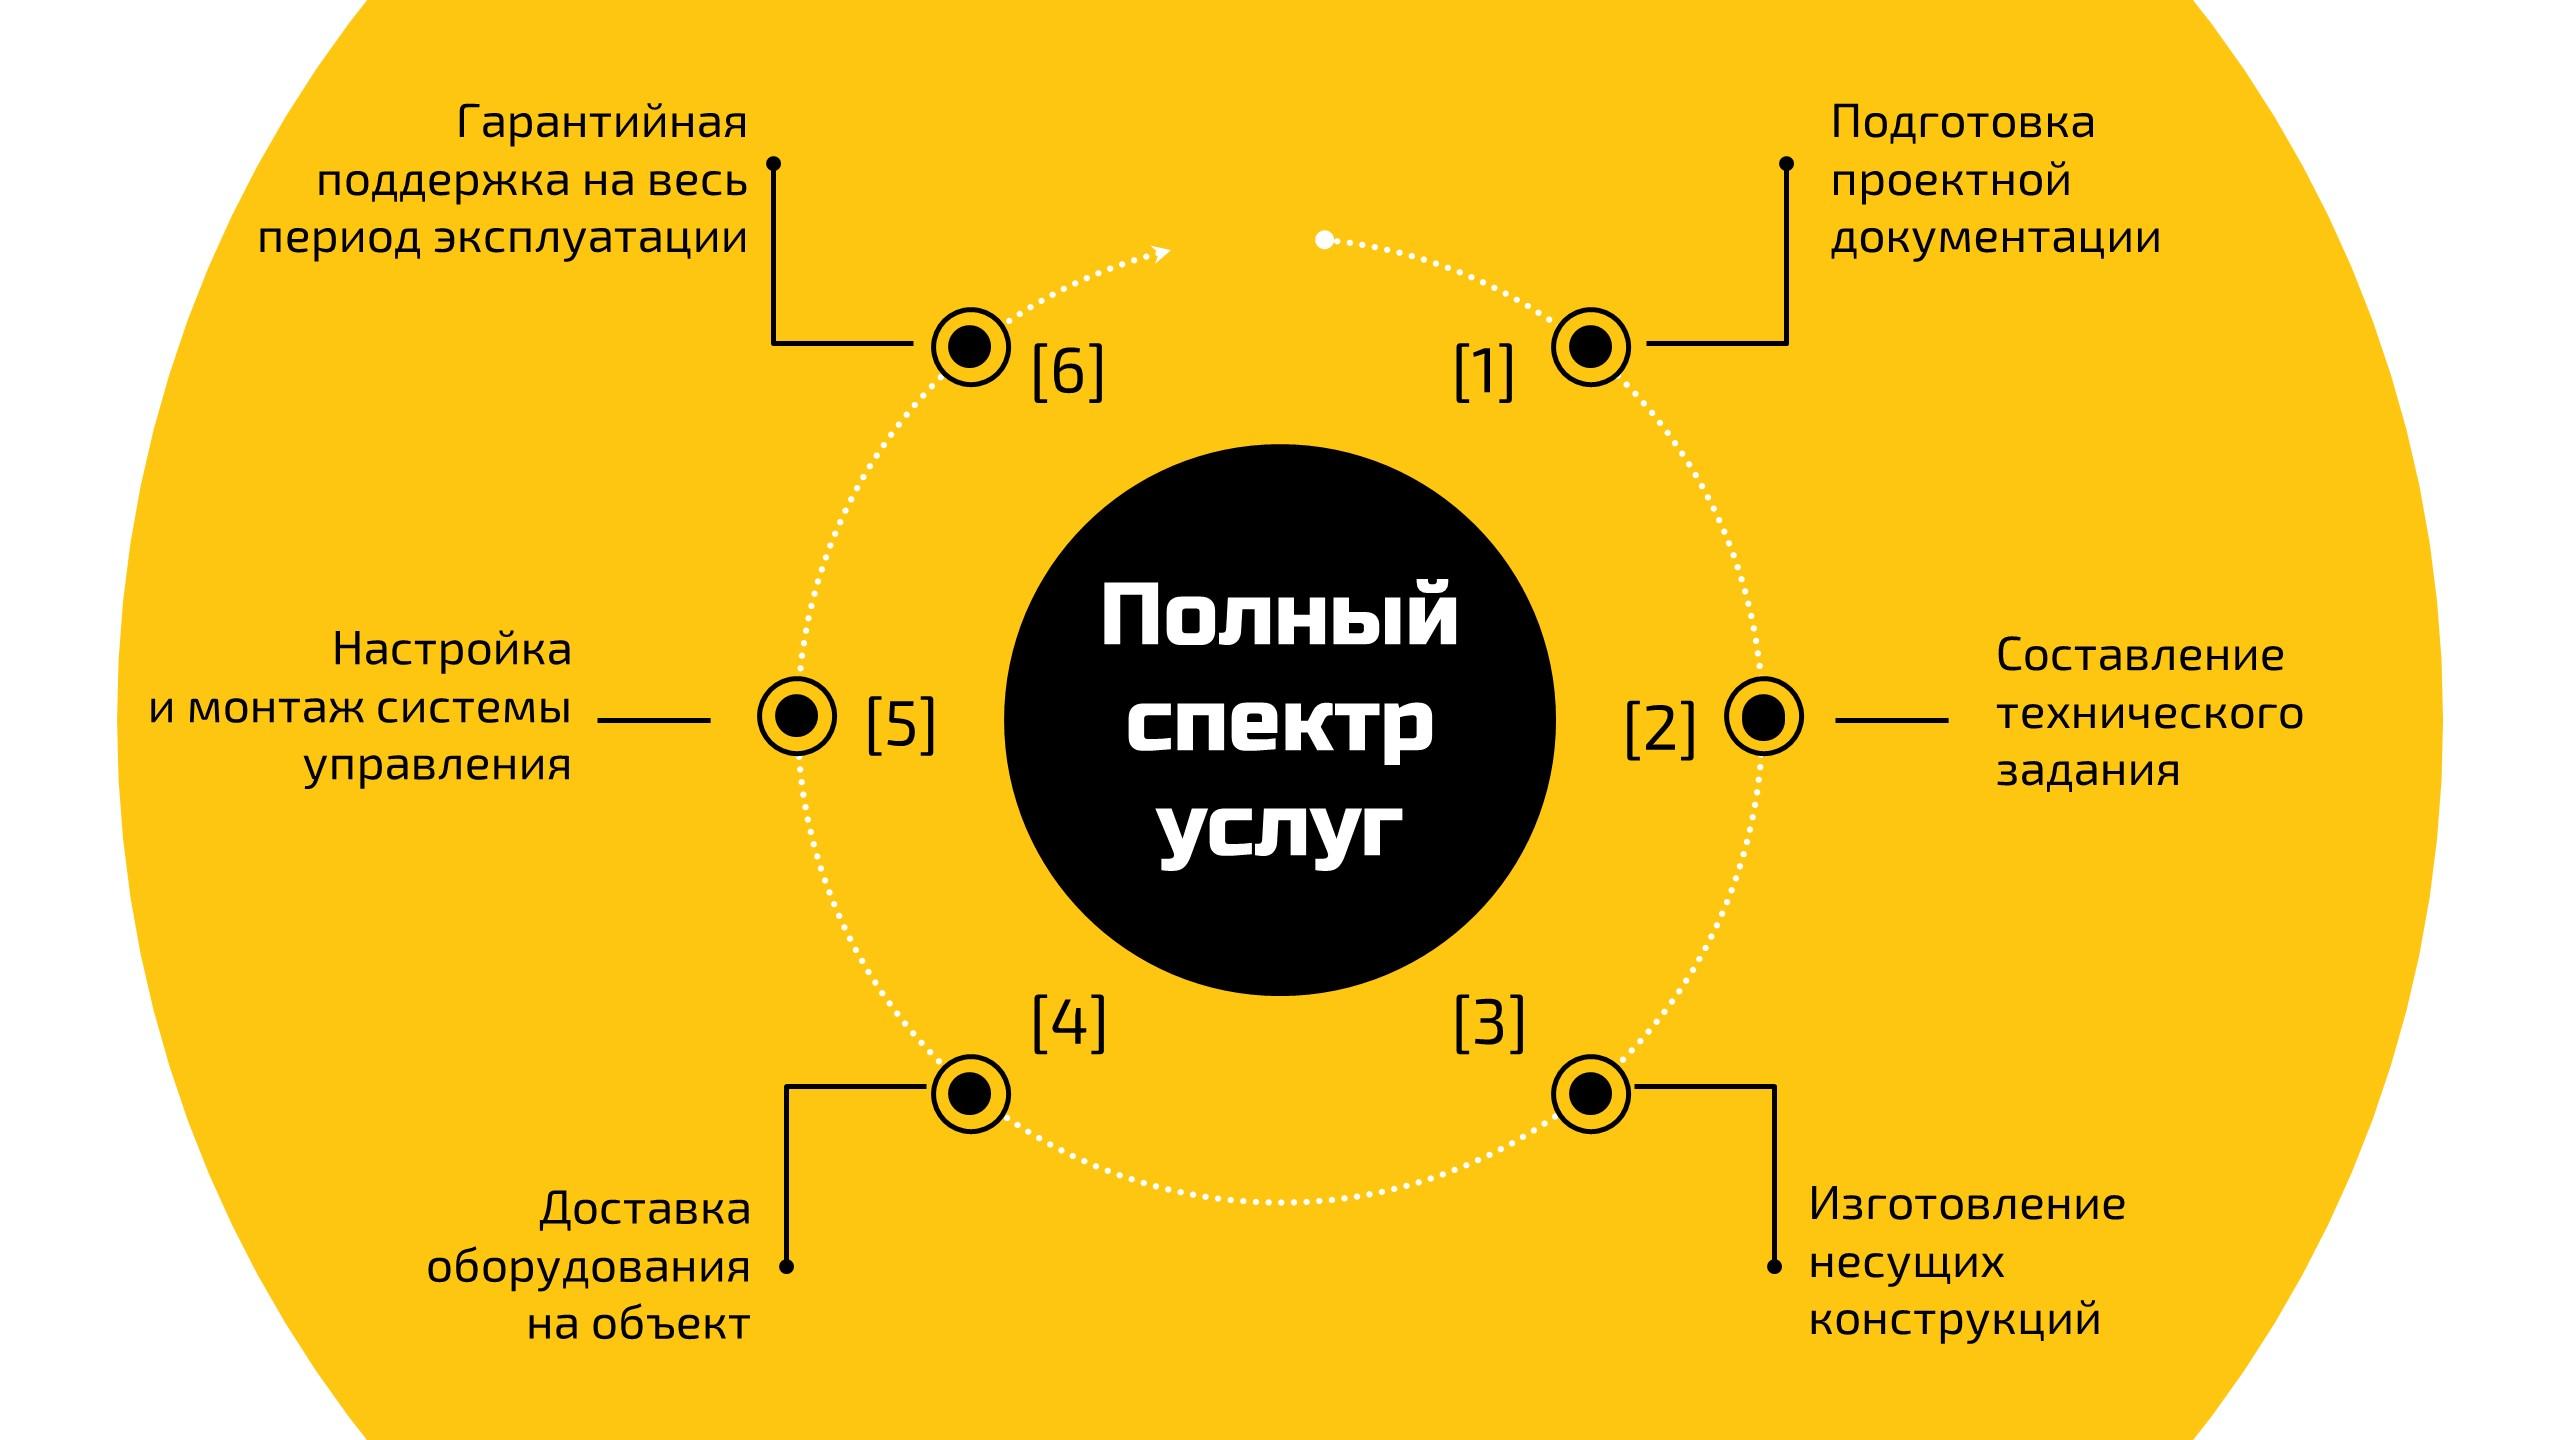 Фото Перечень услуг компании